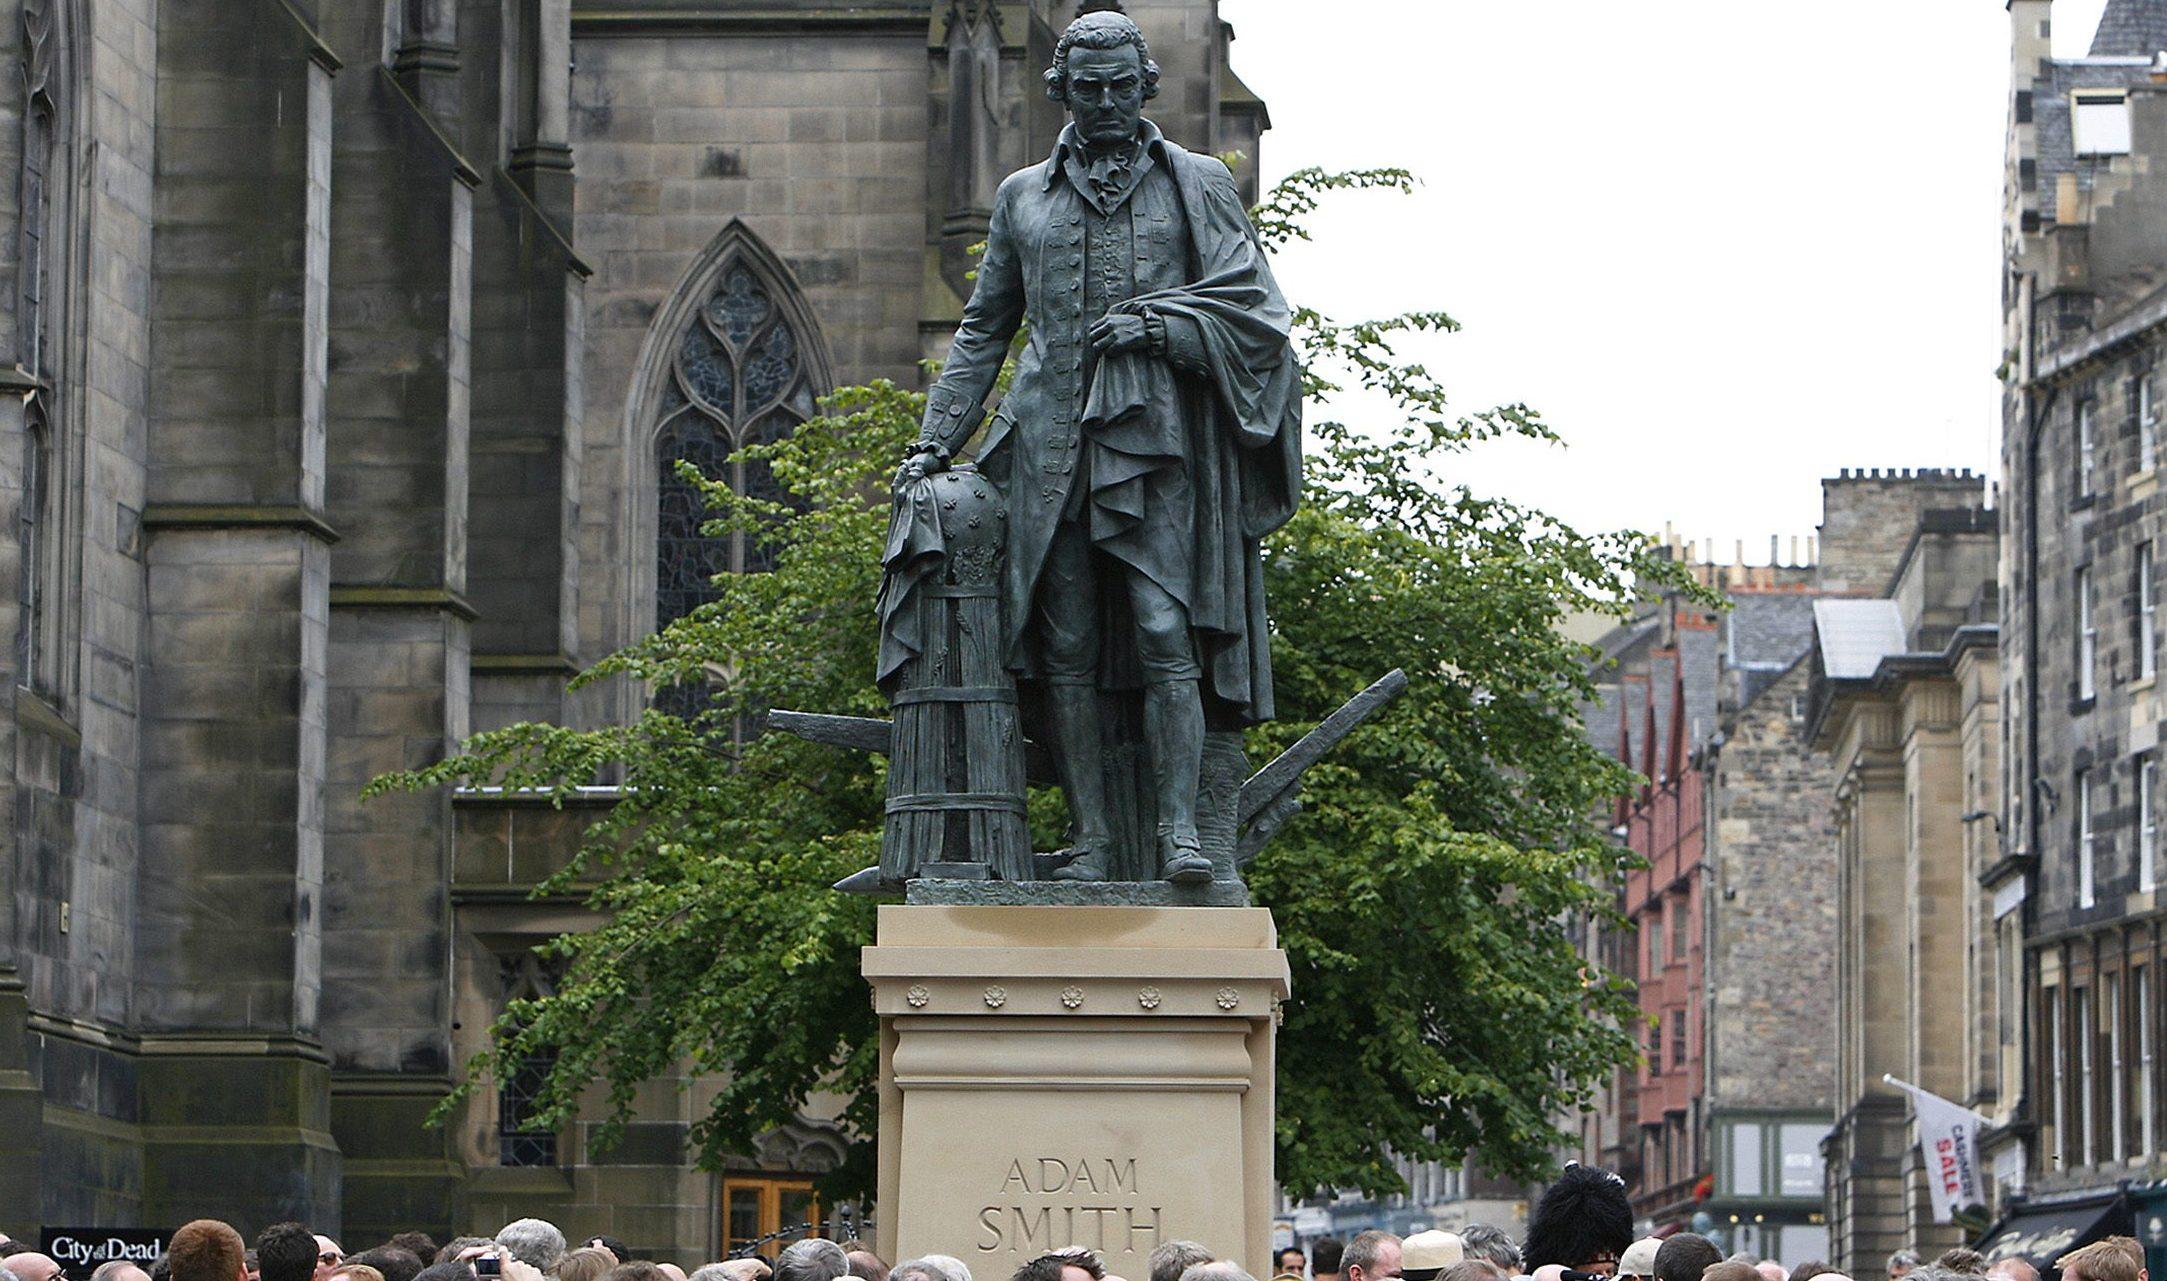 A statue of Adam Smith.